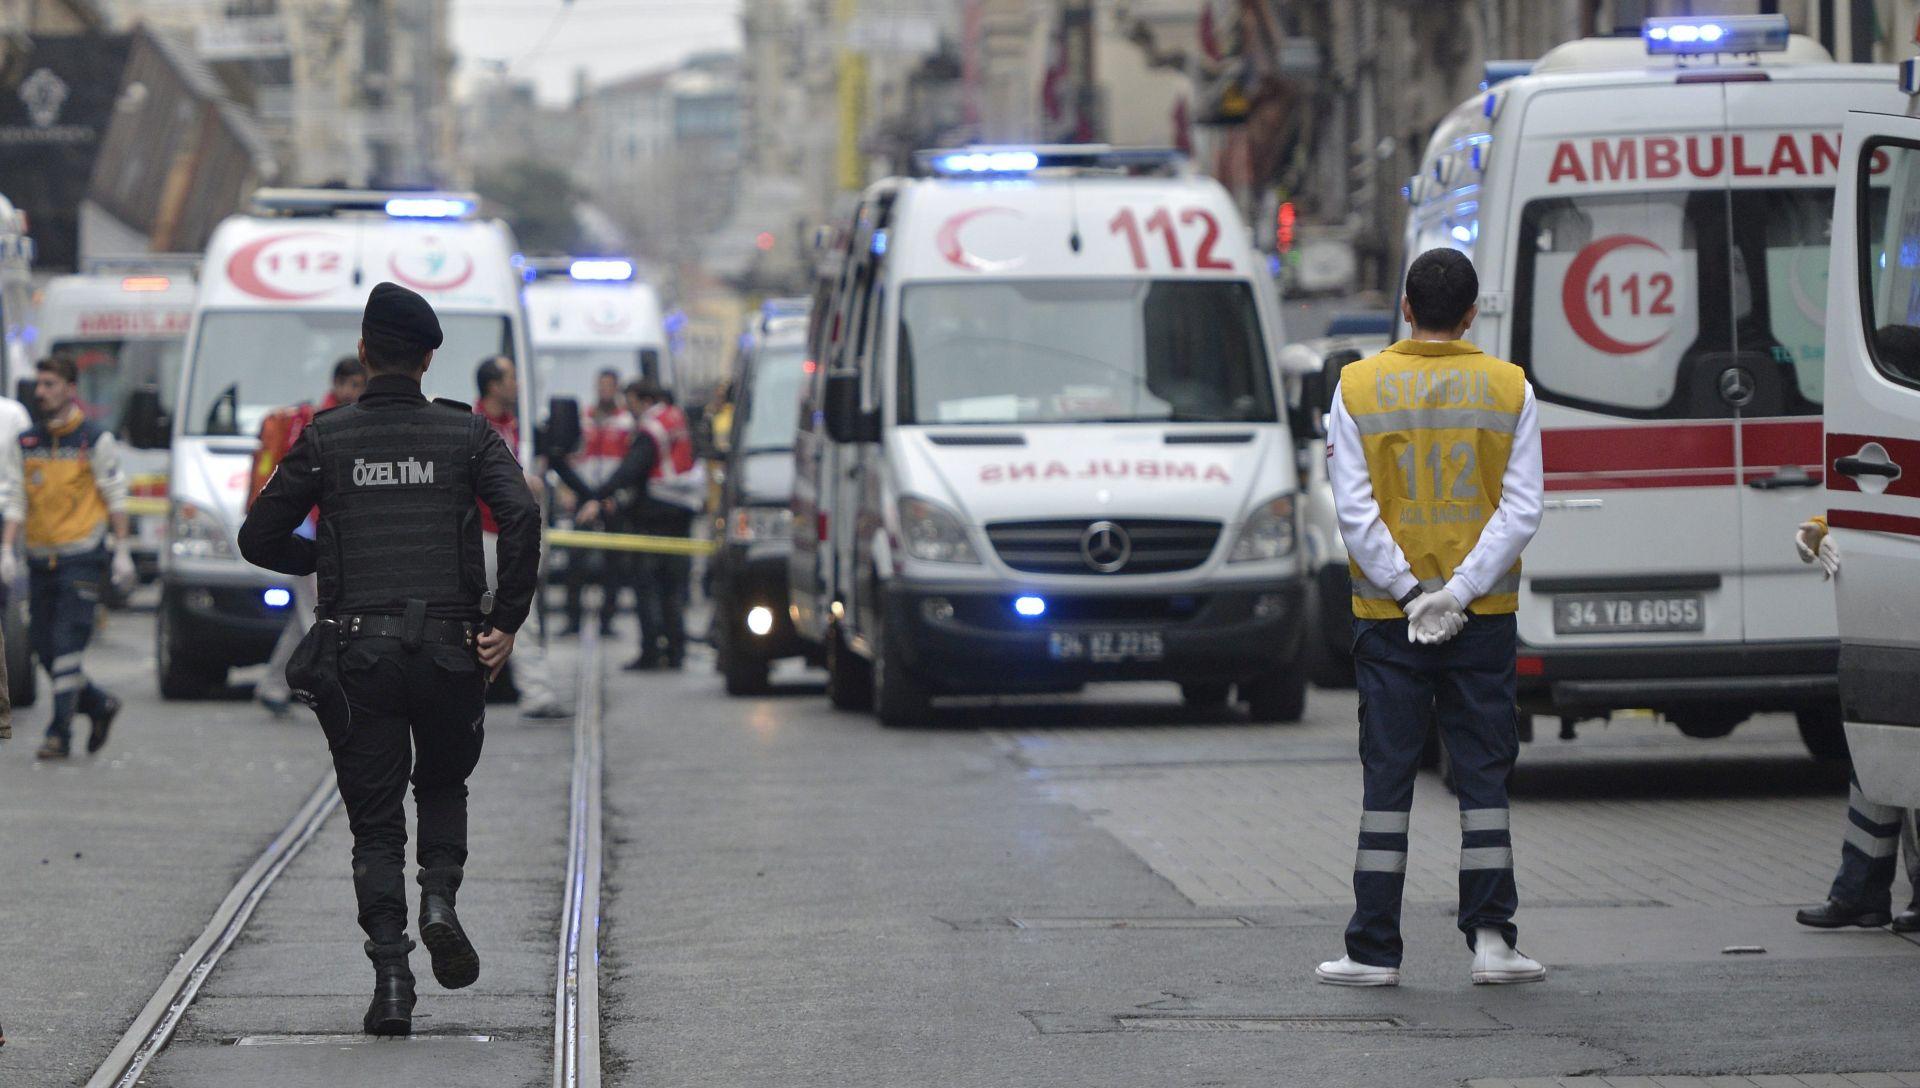 UPOZORENJE SAD-a: Mogući atentati u Istanbulu i Antaliji